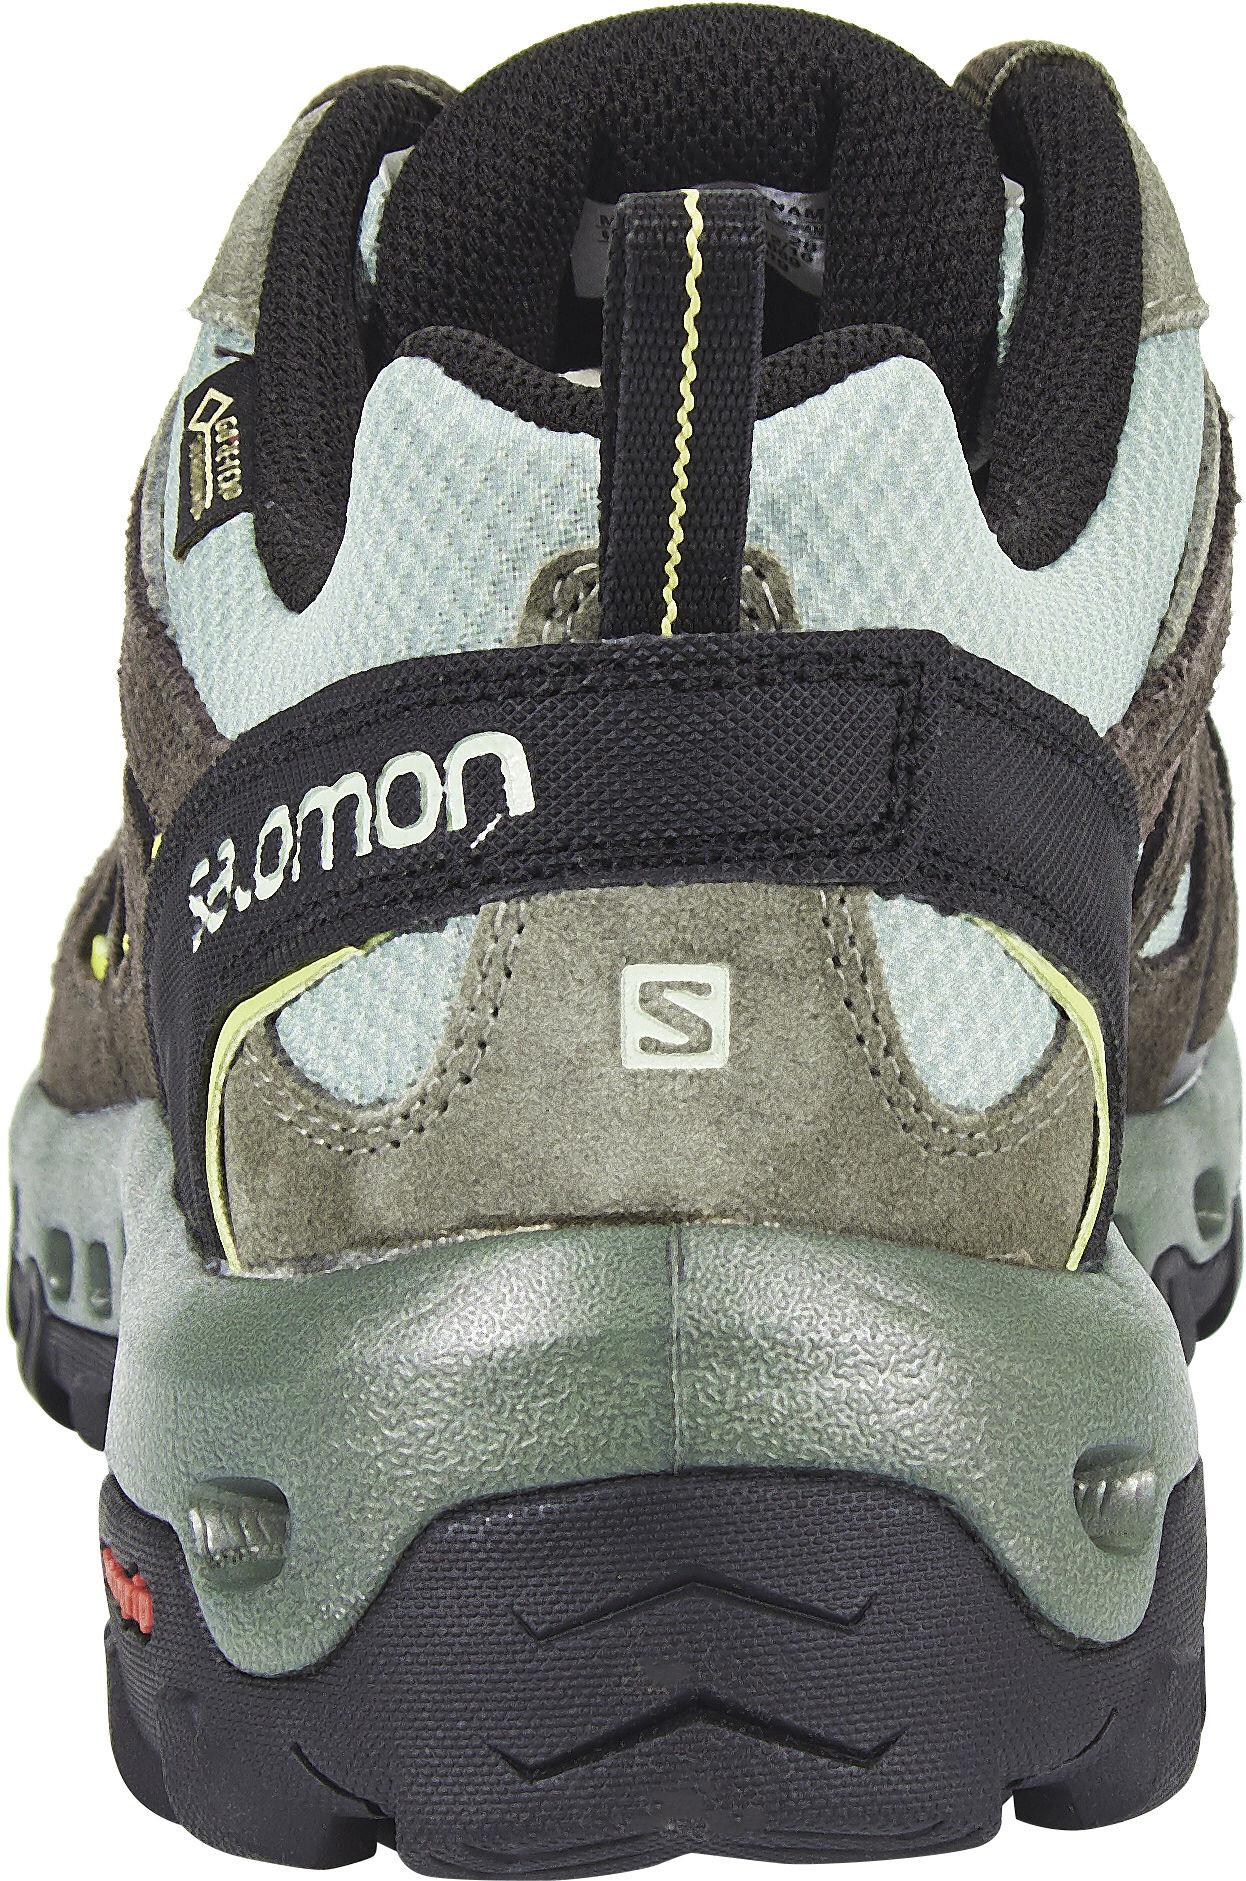 8caa640e0fe Salomon Evasion 2 GTX Surround Miehet kengät , harmaa | Addnature.fi